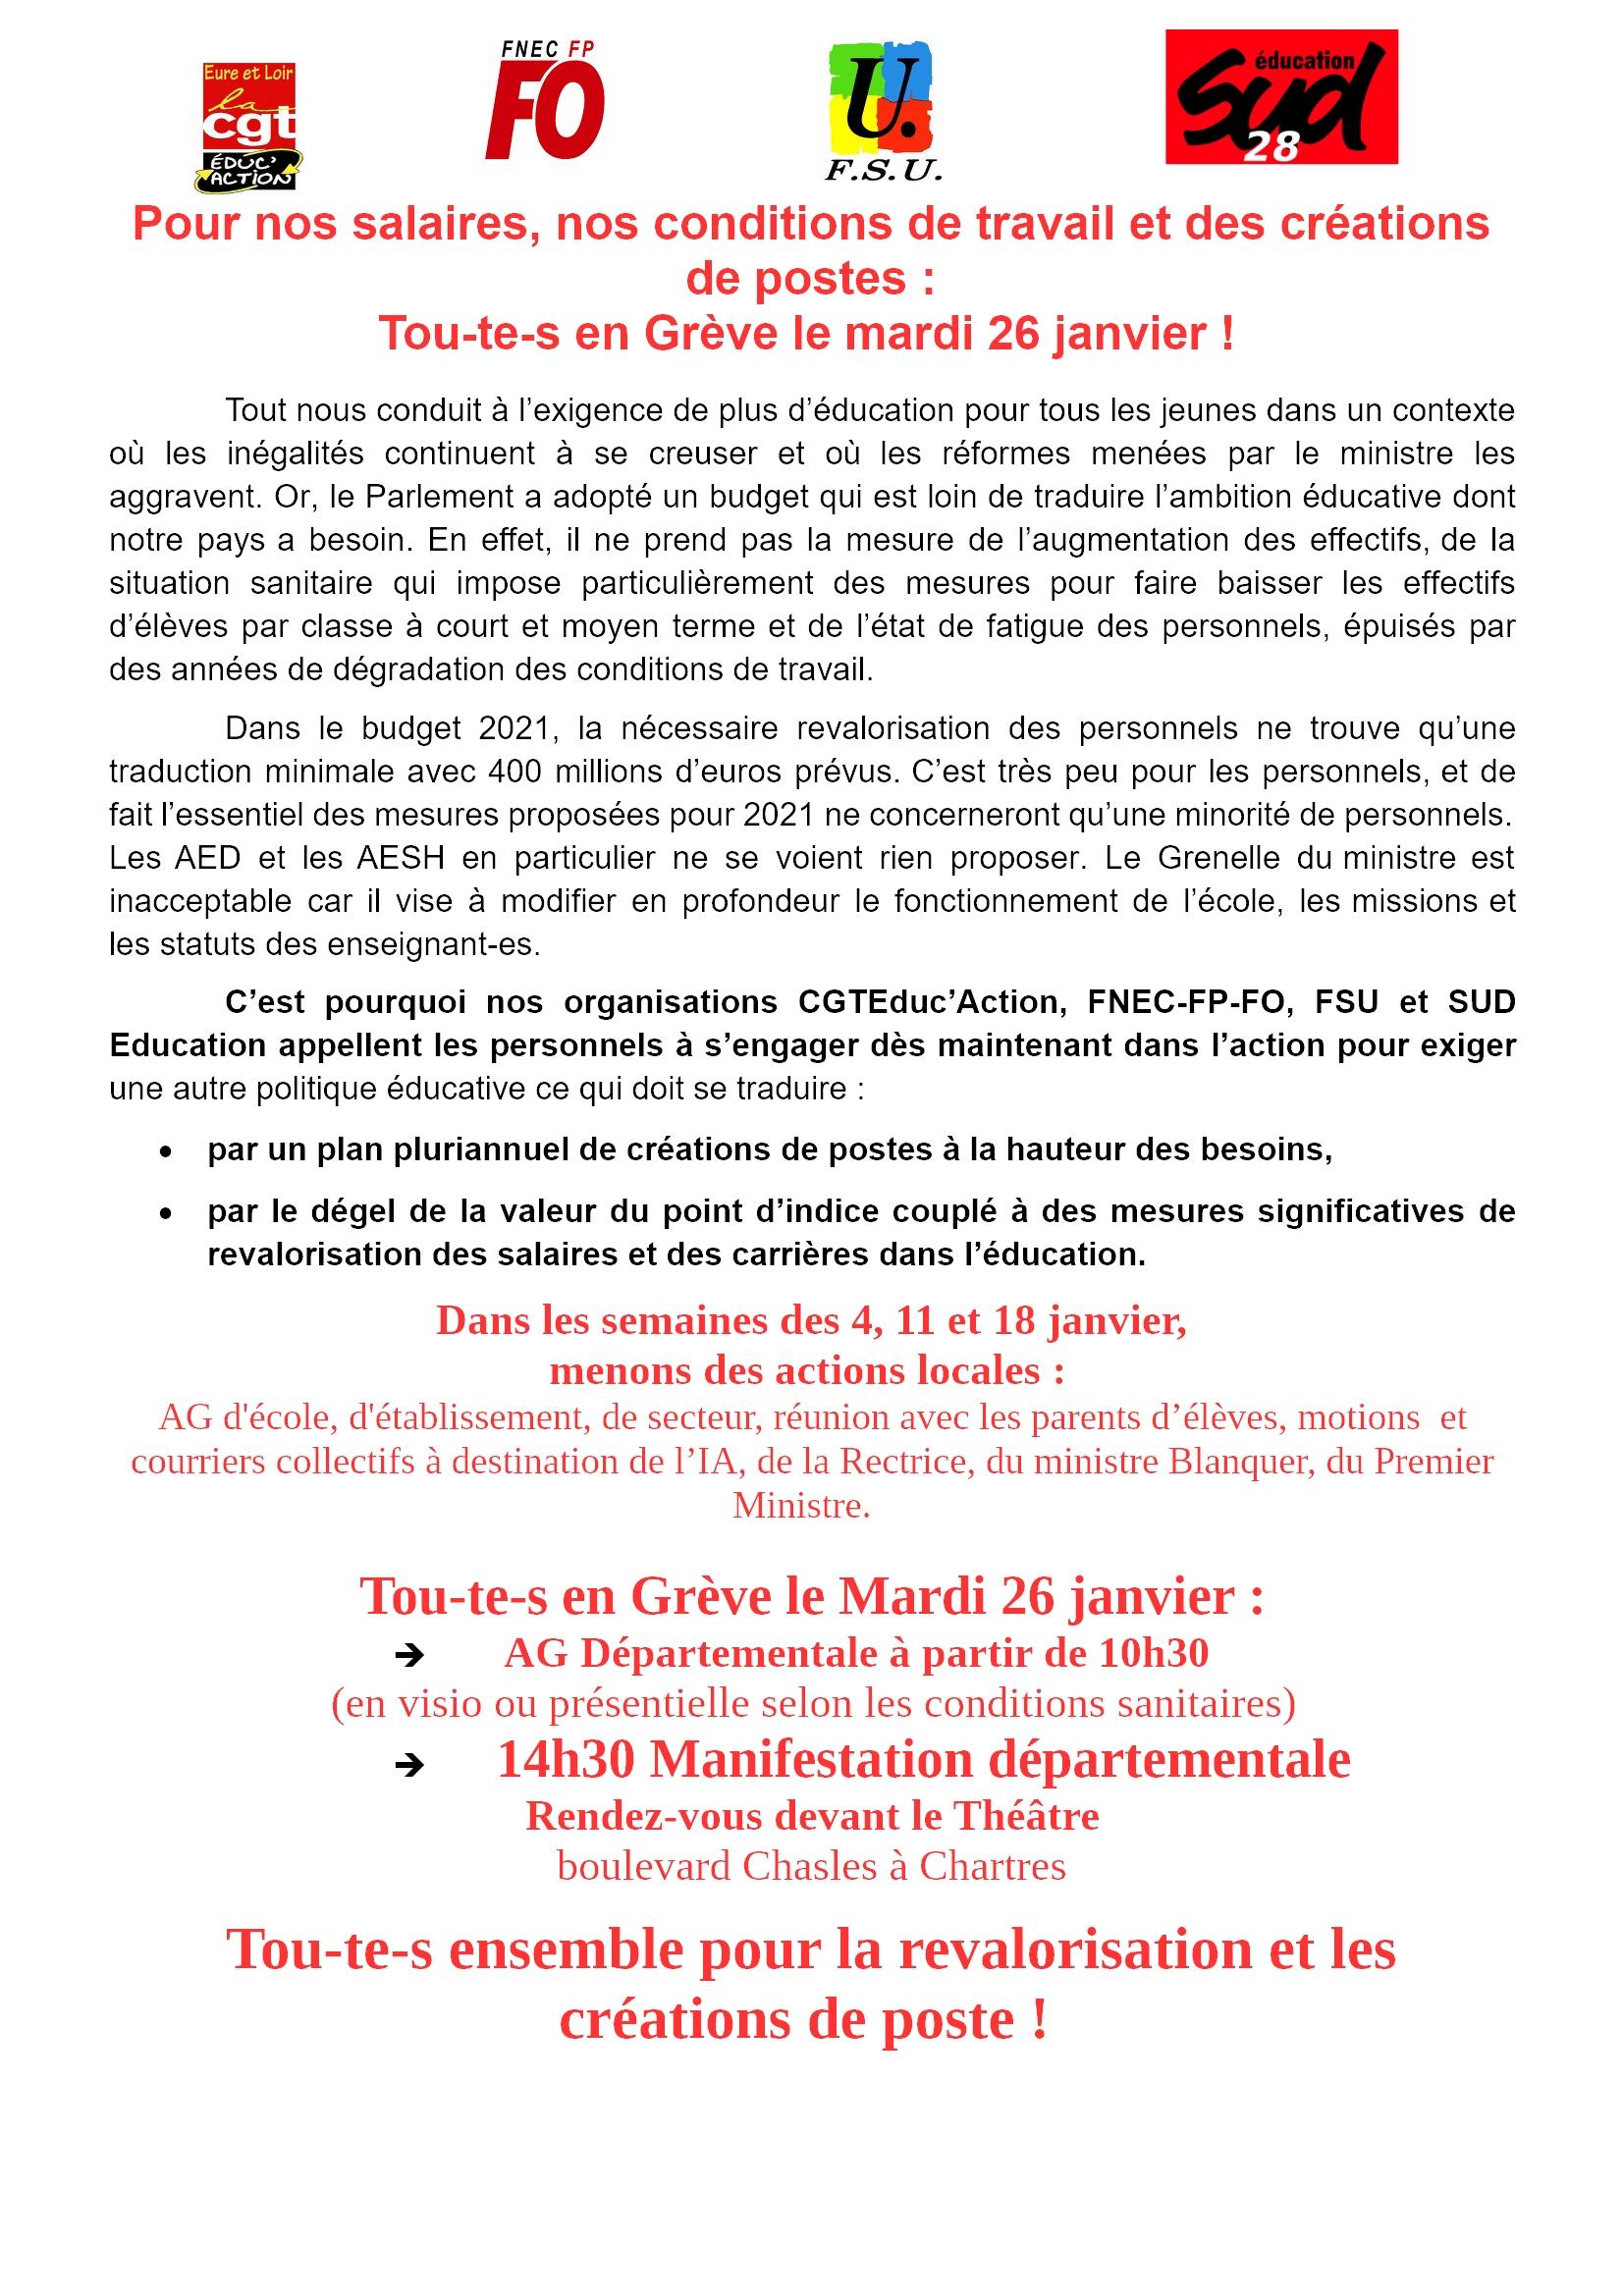 Appel intersyndicale 28 CGT FO FSU SUD Grève 26-01-2021